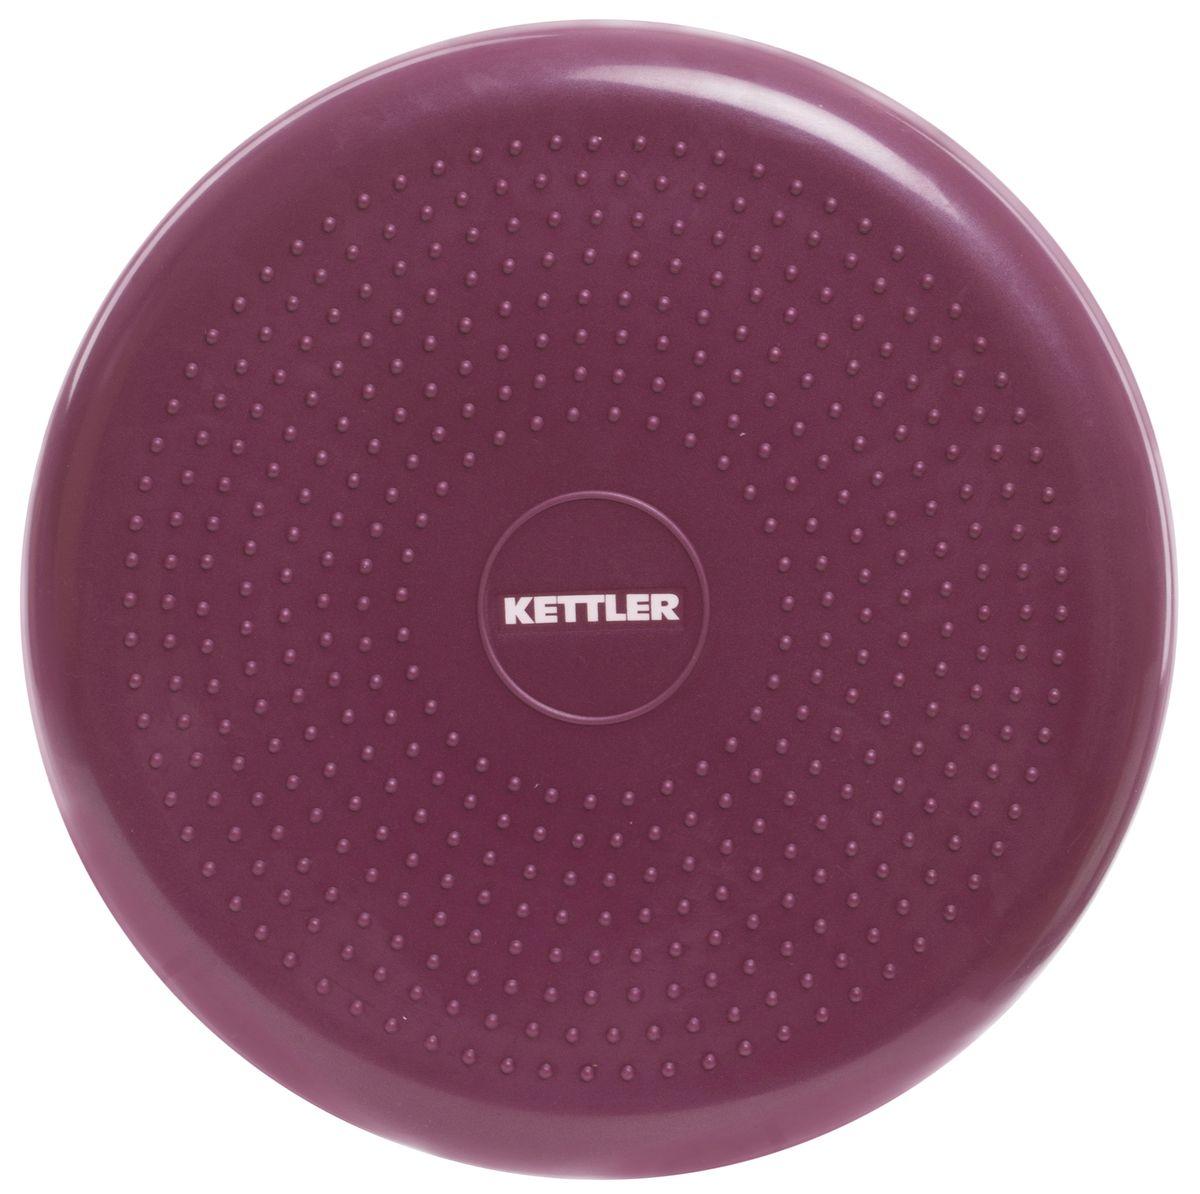 Платформа массажная балансировочная Kettler, цвет: бордовый, 33 смGB-9103Балансировочная платформа Kettler предназначена для оздоровительных и балансировочных упражнений. Выполнена из прочной резины. Платформа с эффектом массажа ладоней рук.Насос в комплекте.